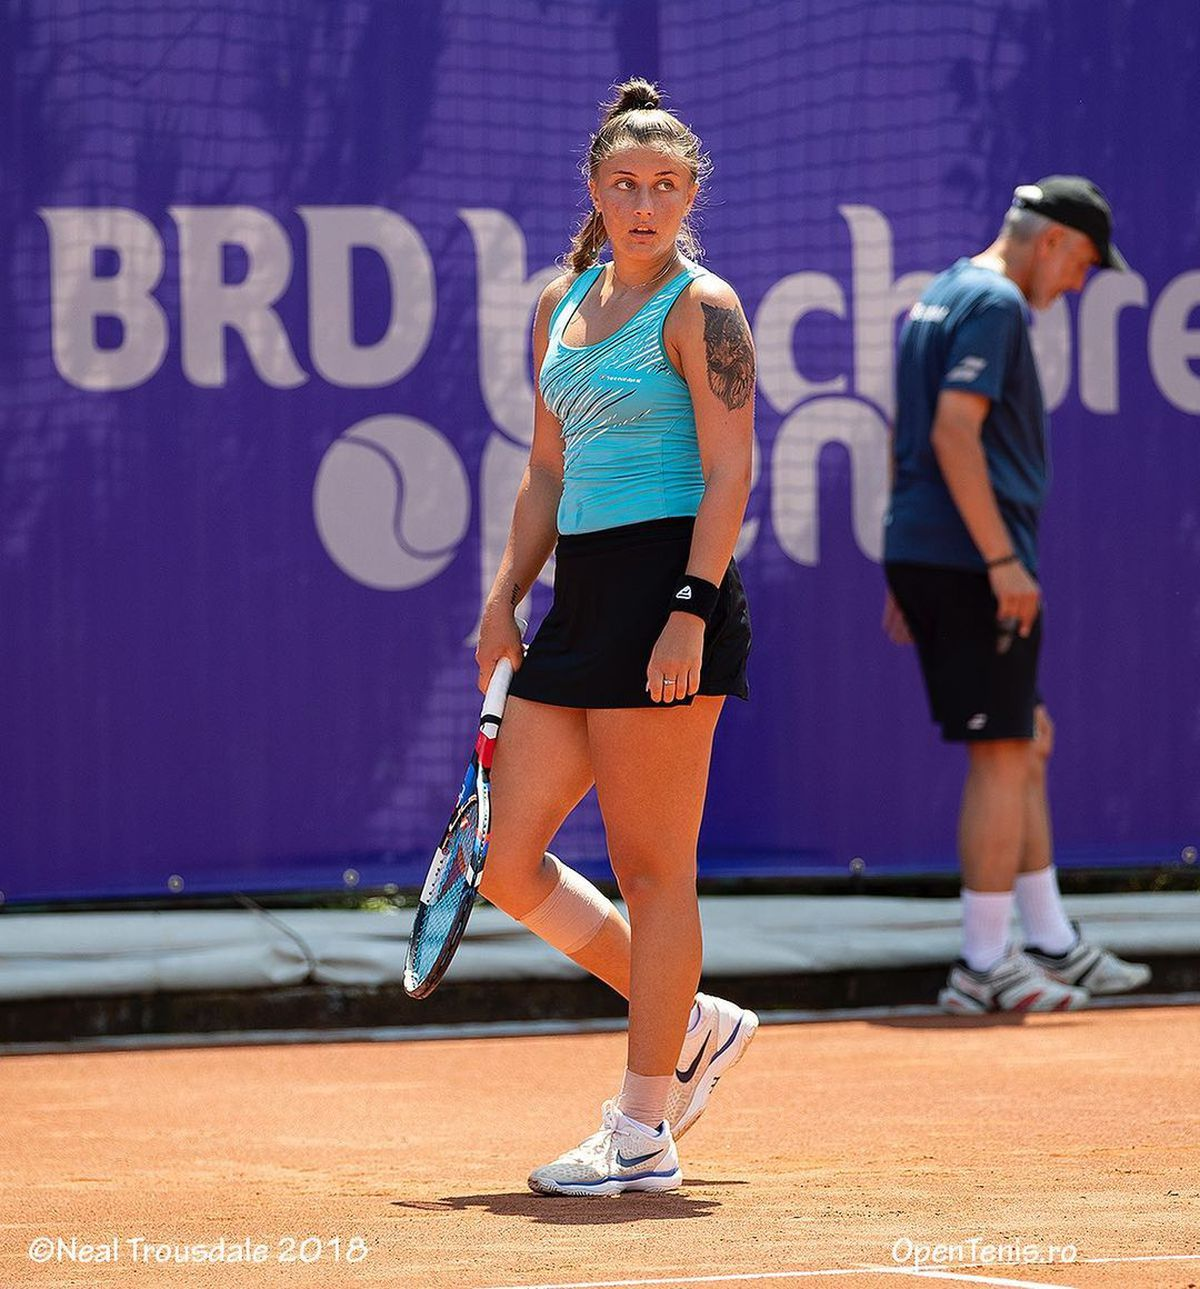 FOTO Nici ei nu i-a venit să creadă! Ce a făcut Andreea Prisăcariu, după victoria fără game pierdut